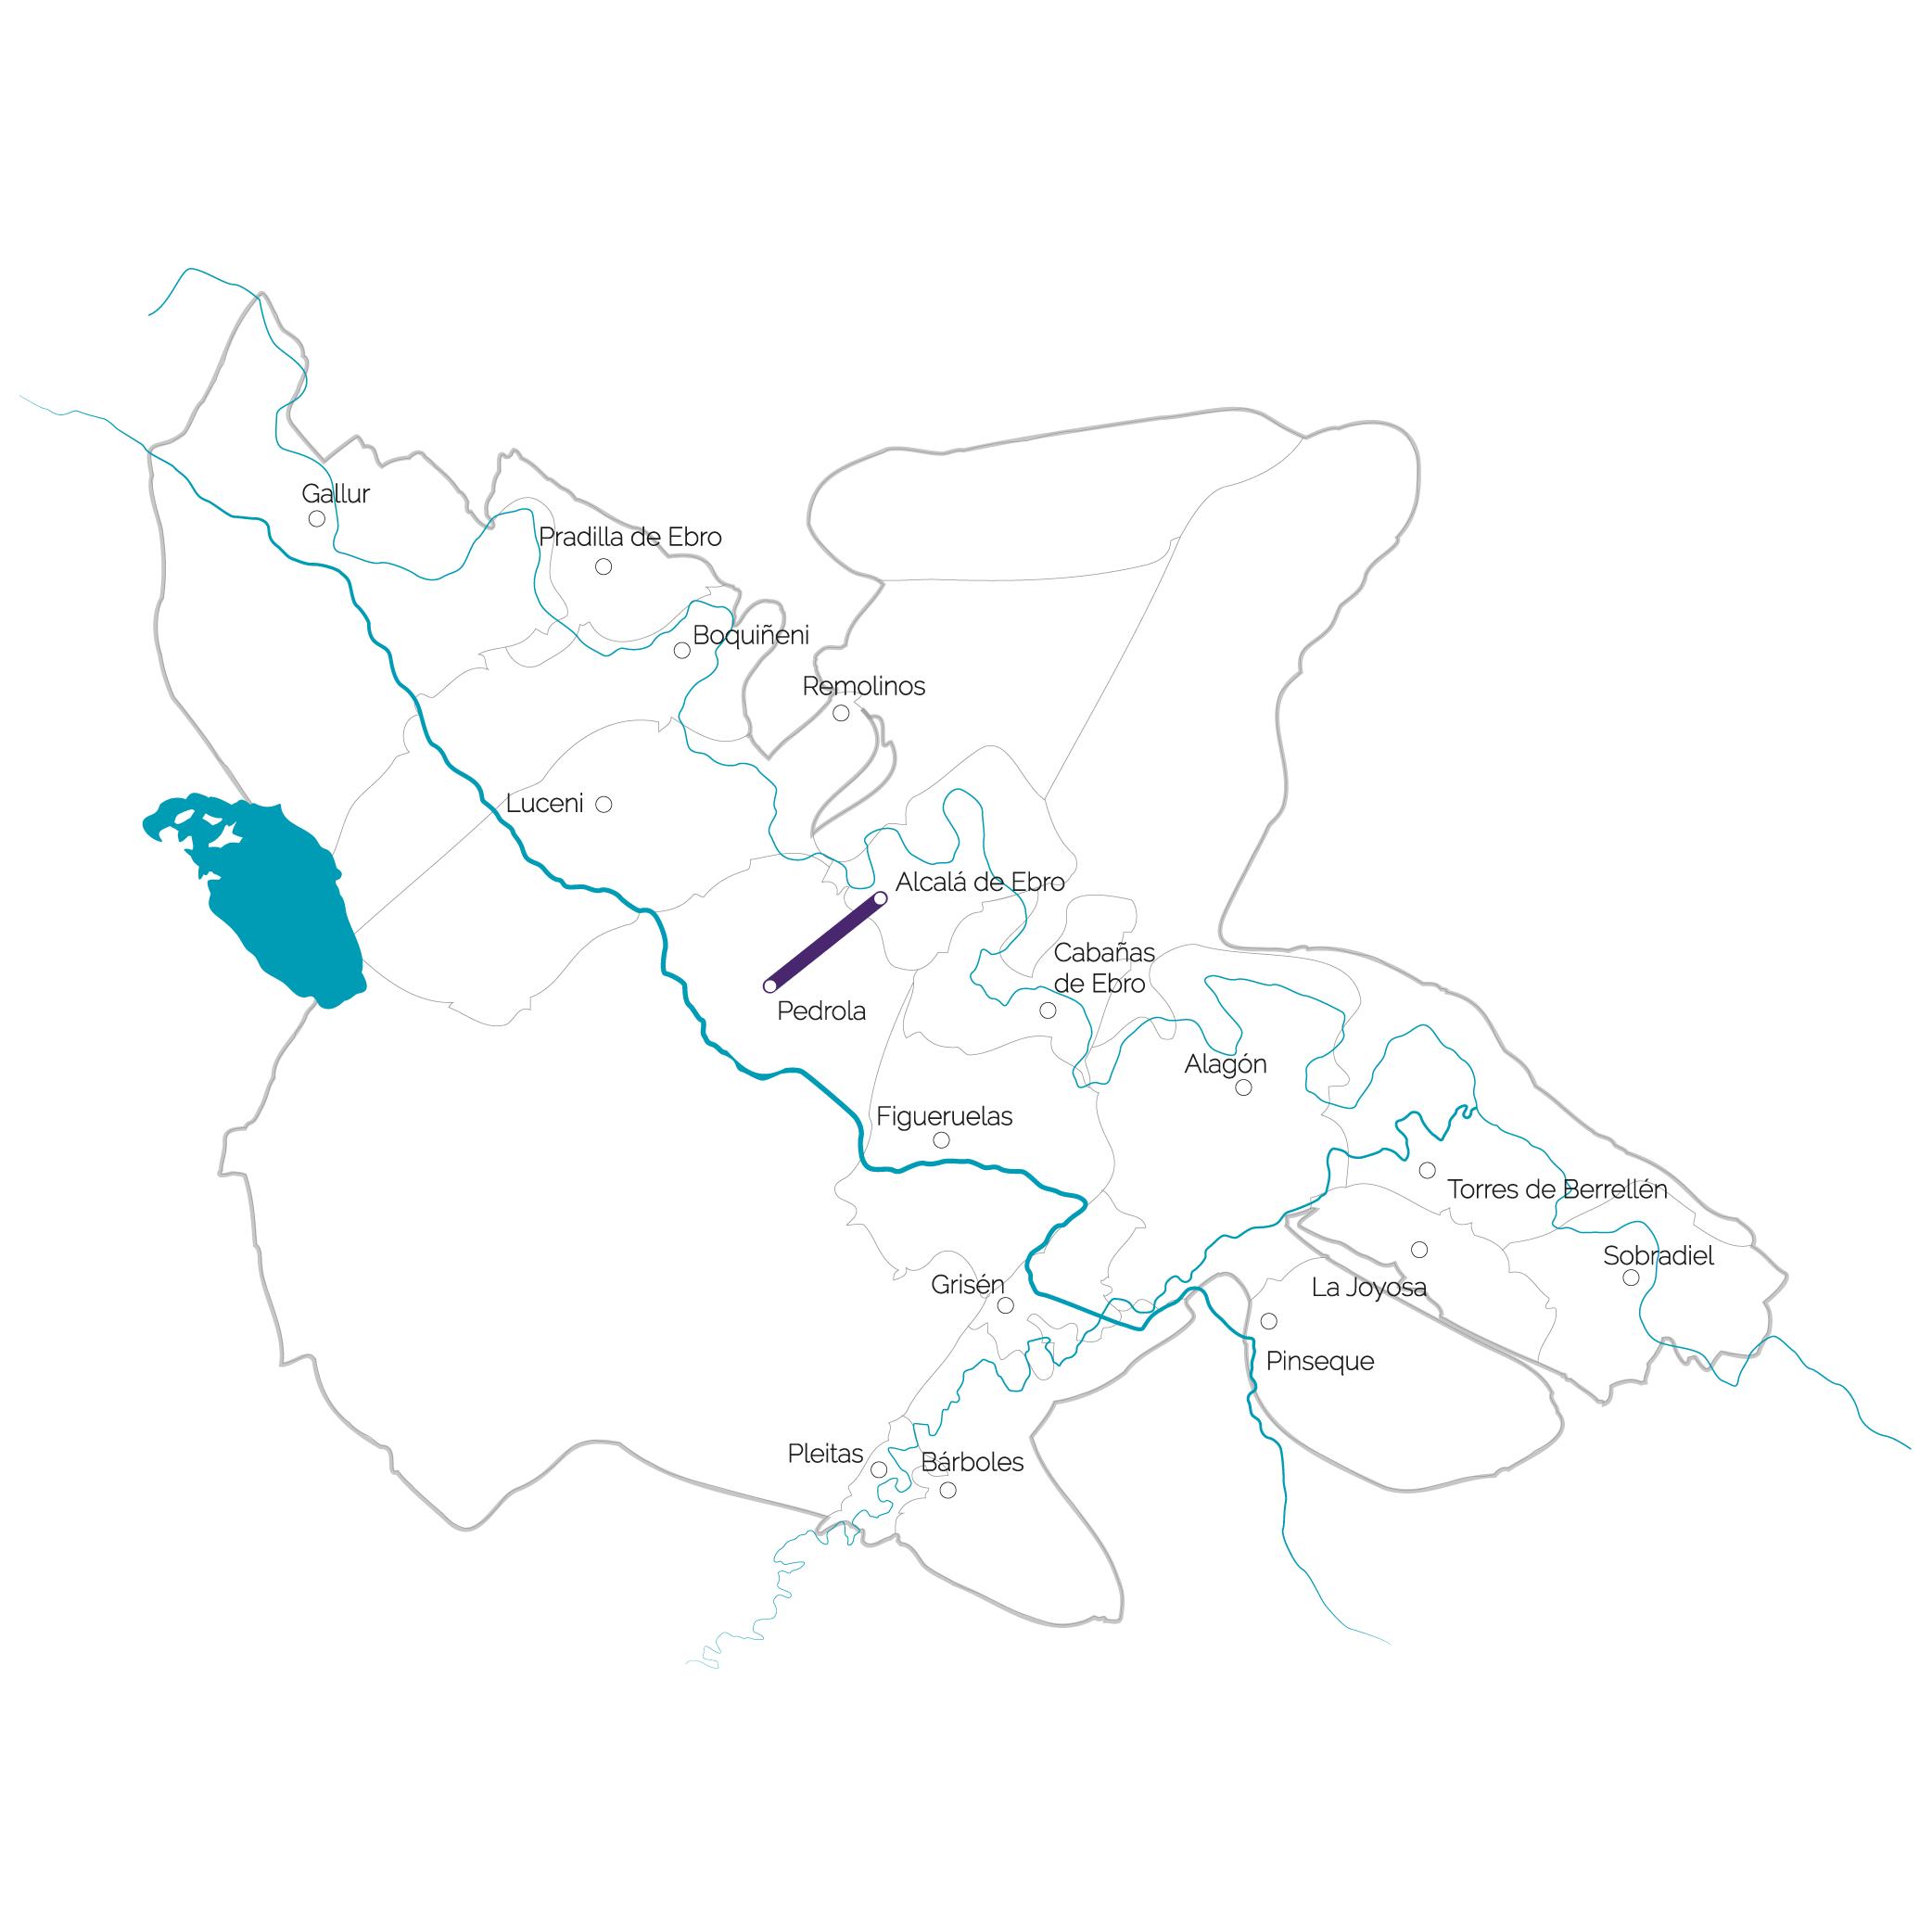 Un mapa de la comarca con la ruta temática del Quijote marcada en color